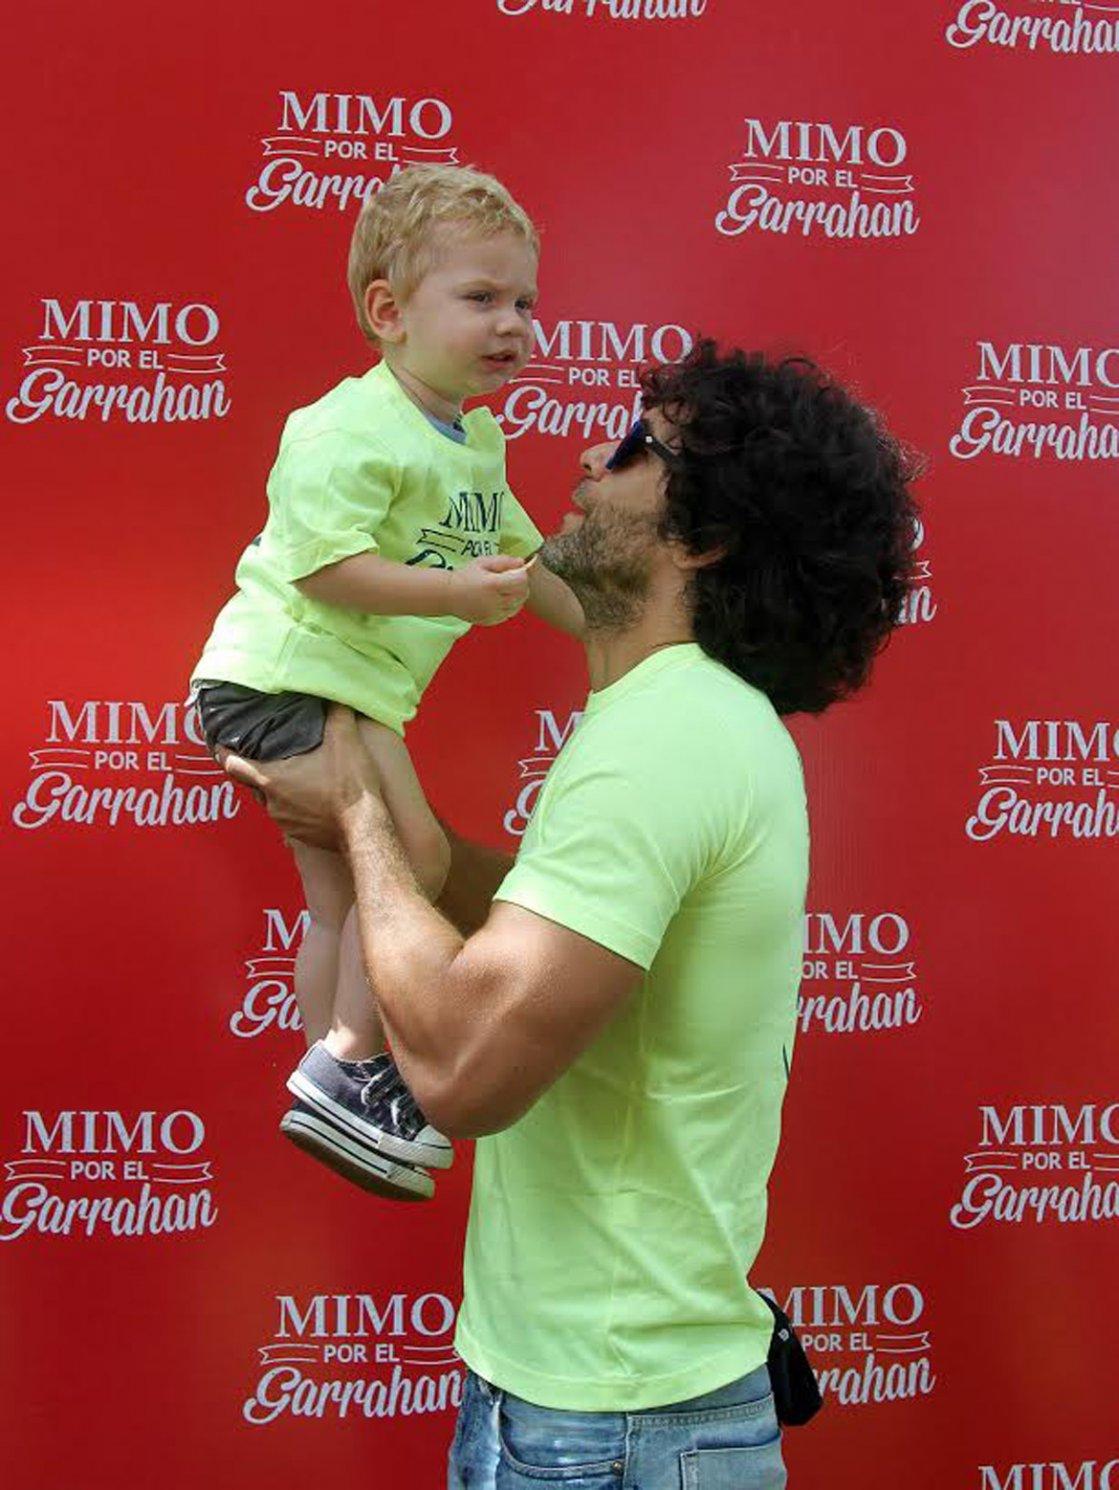 Mariano Martínez y su hijo Milo,en la caminata Mimmo por el Garrahan